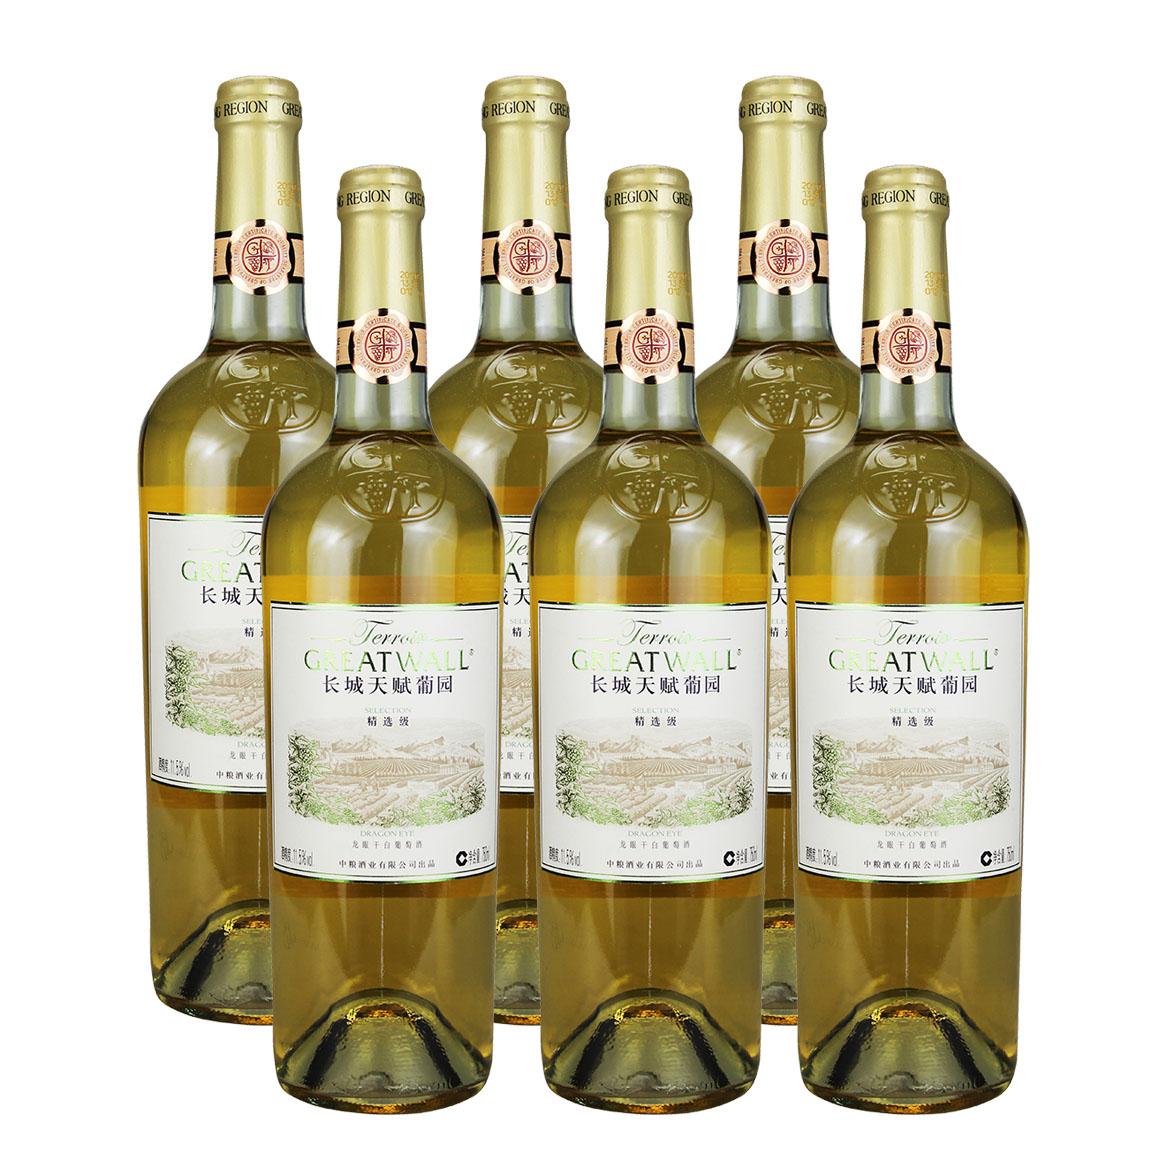 长城天赋葡园精选级龙眼干白葡萄酒750ml(6瓶装)